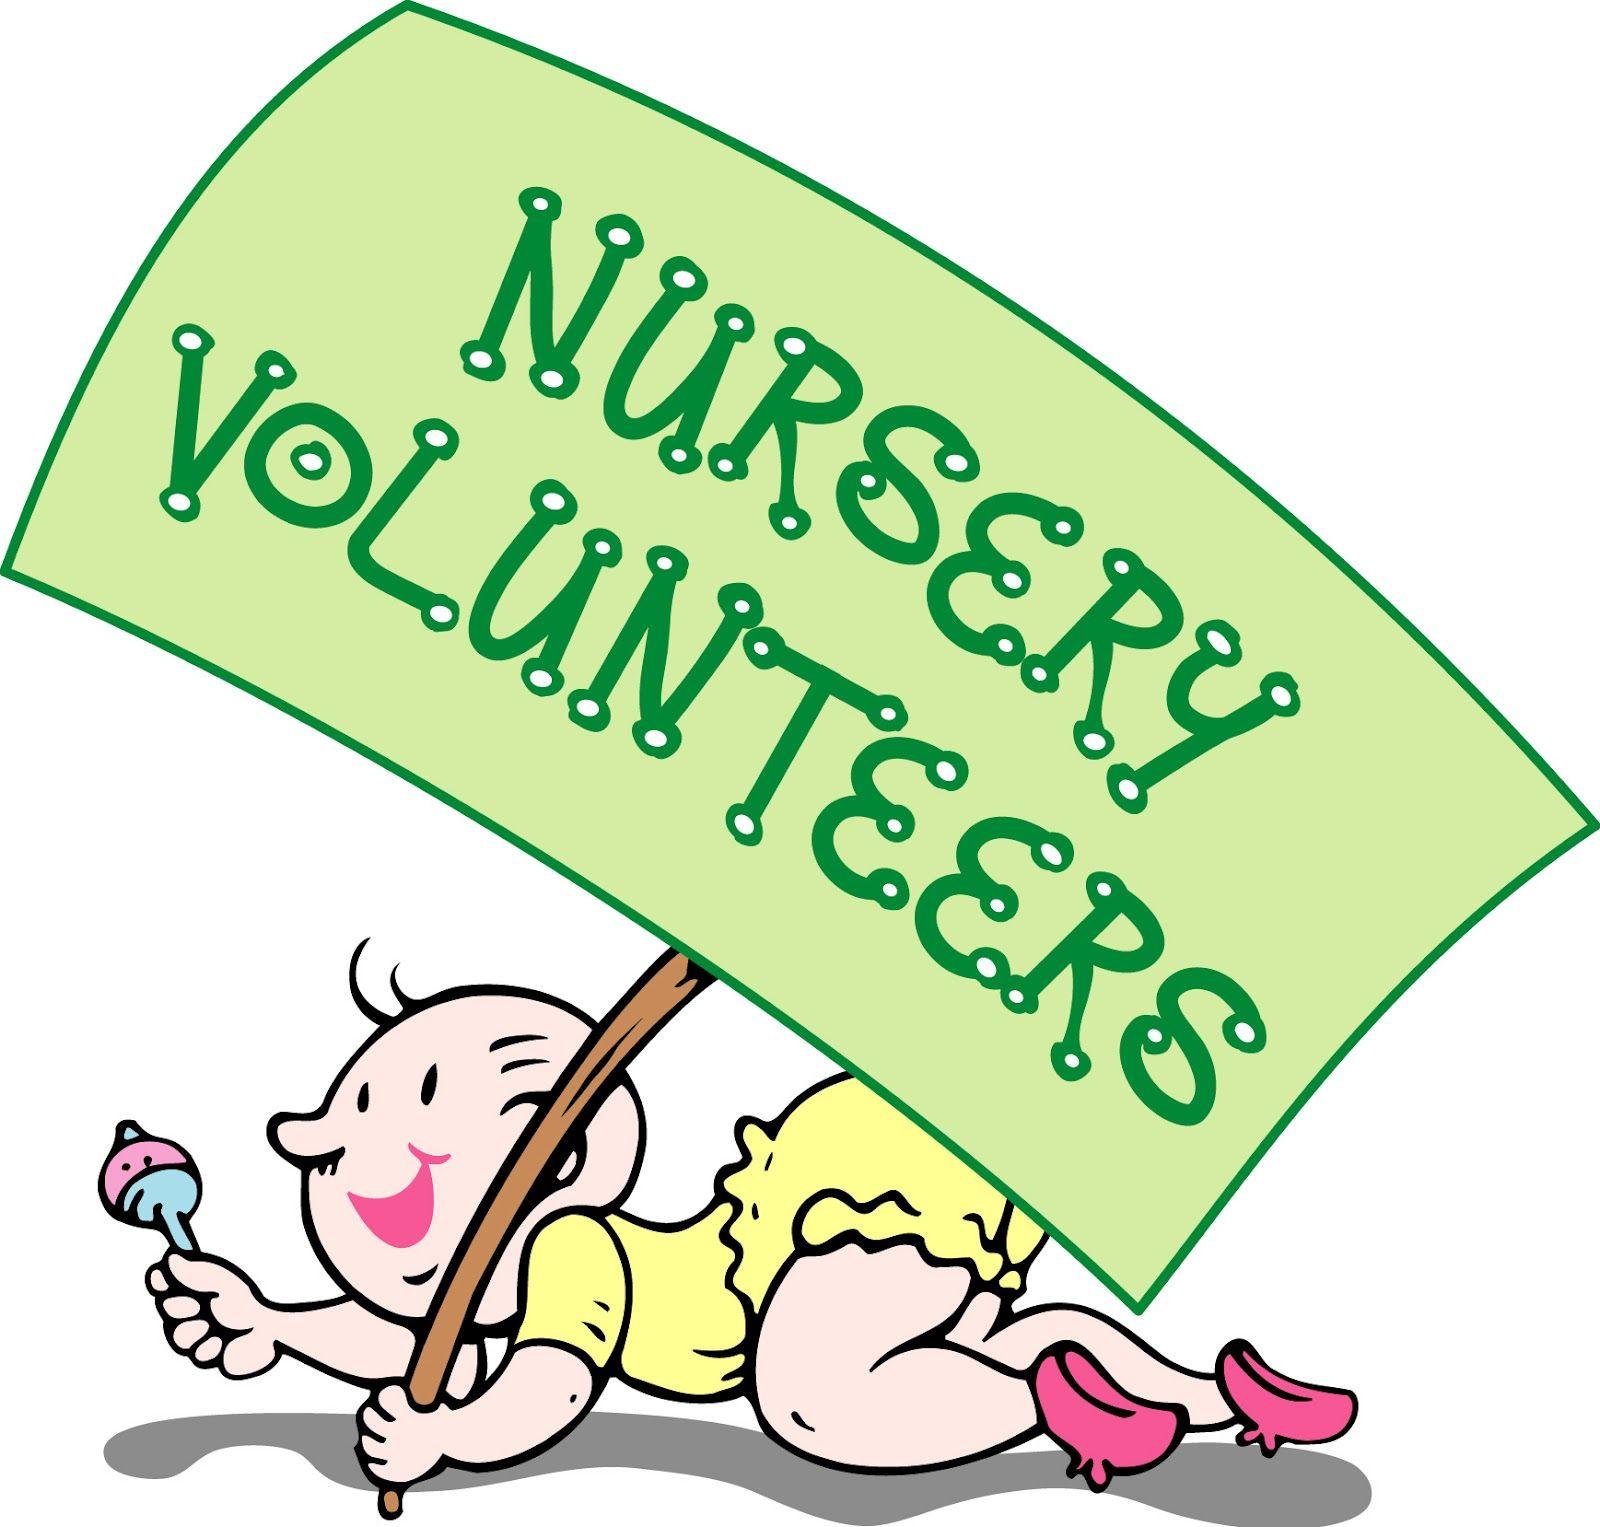 Church Nursery Pictures Google Search: Nursery Volunteers